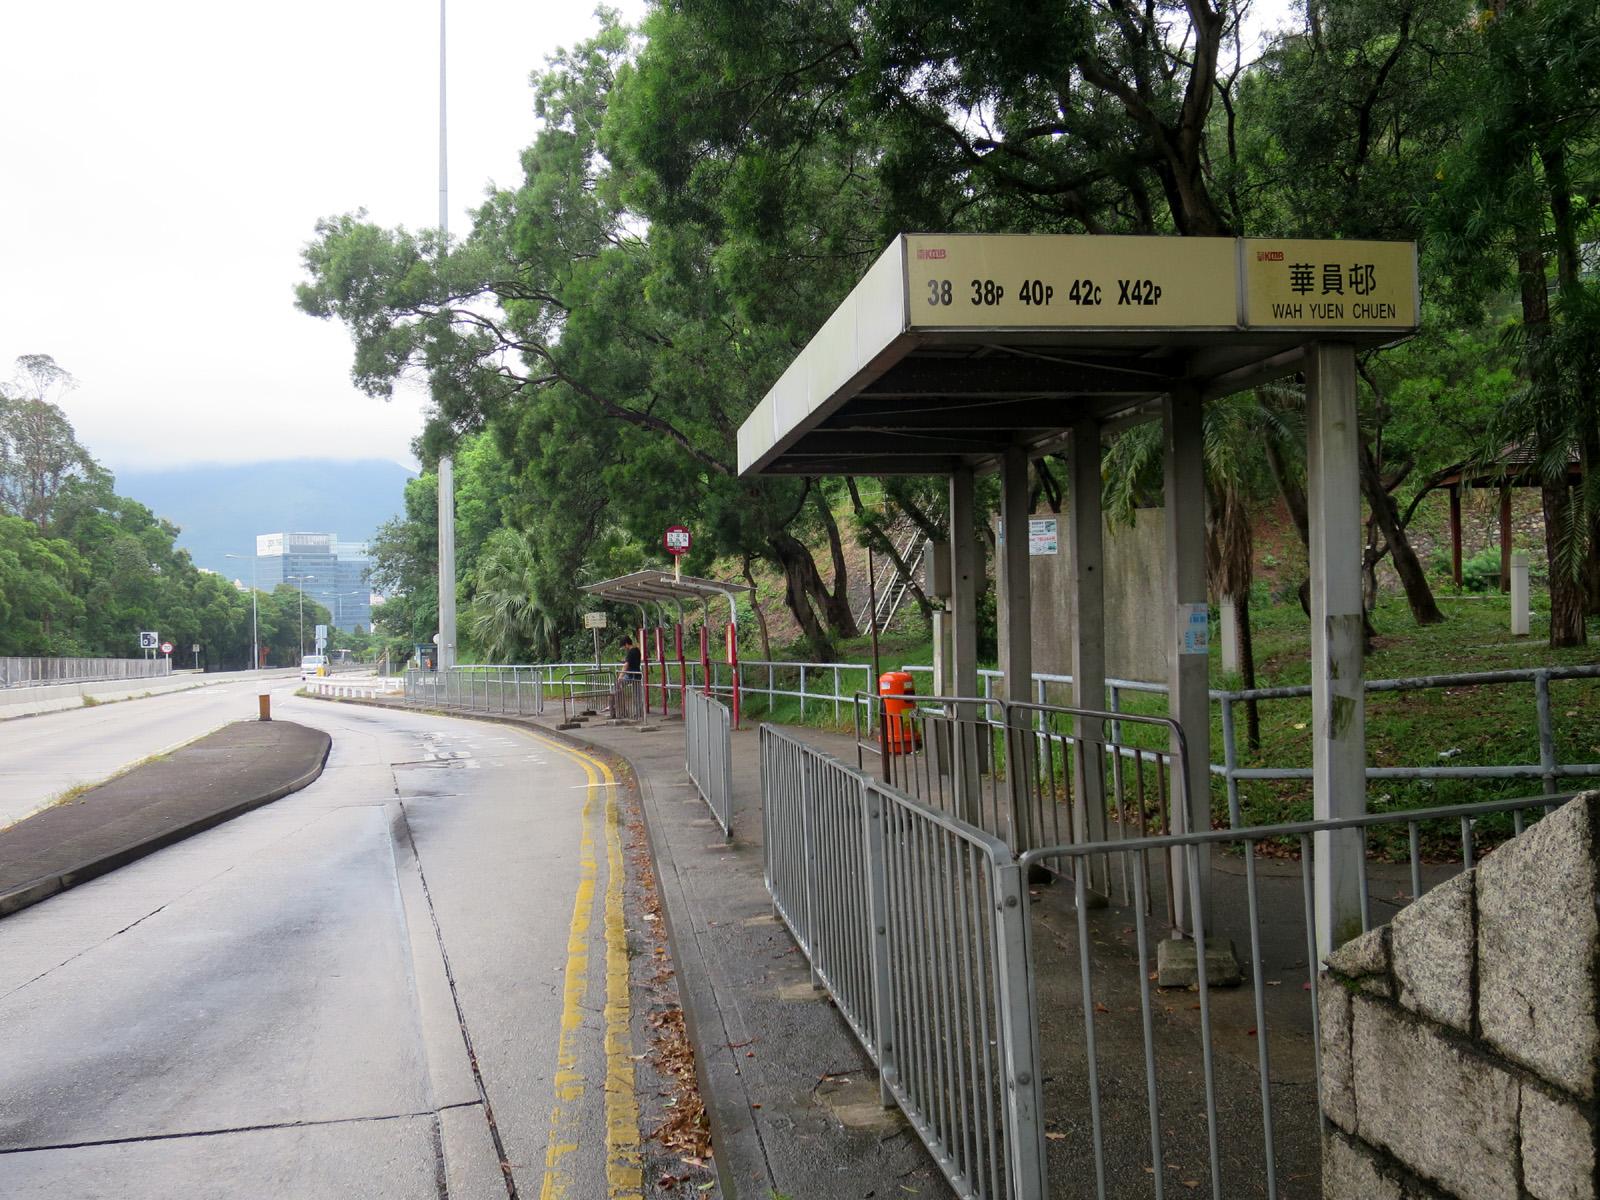 華員邨 (青山公路)